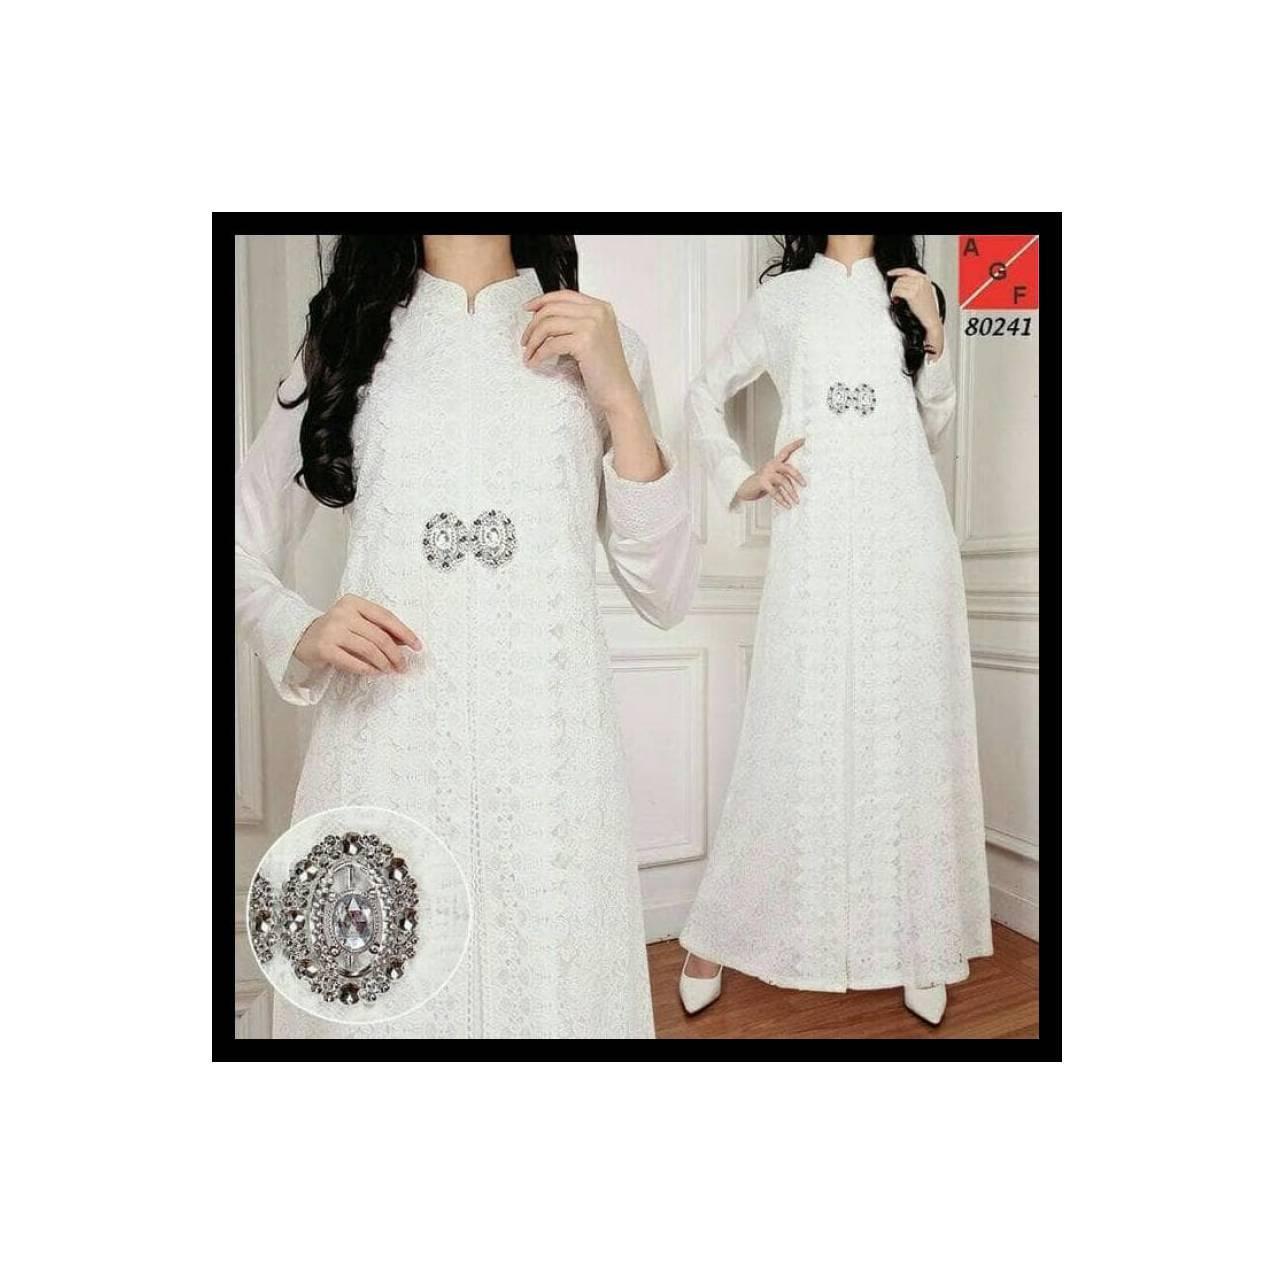 Harga Super . . Baju Pesta Muslim Gamis Putih Mewah Elegan - Brokat